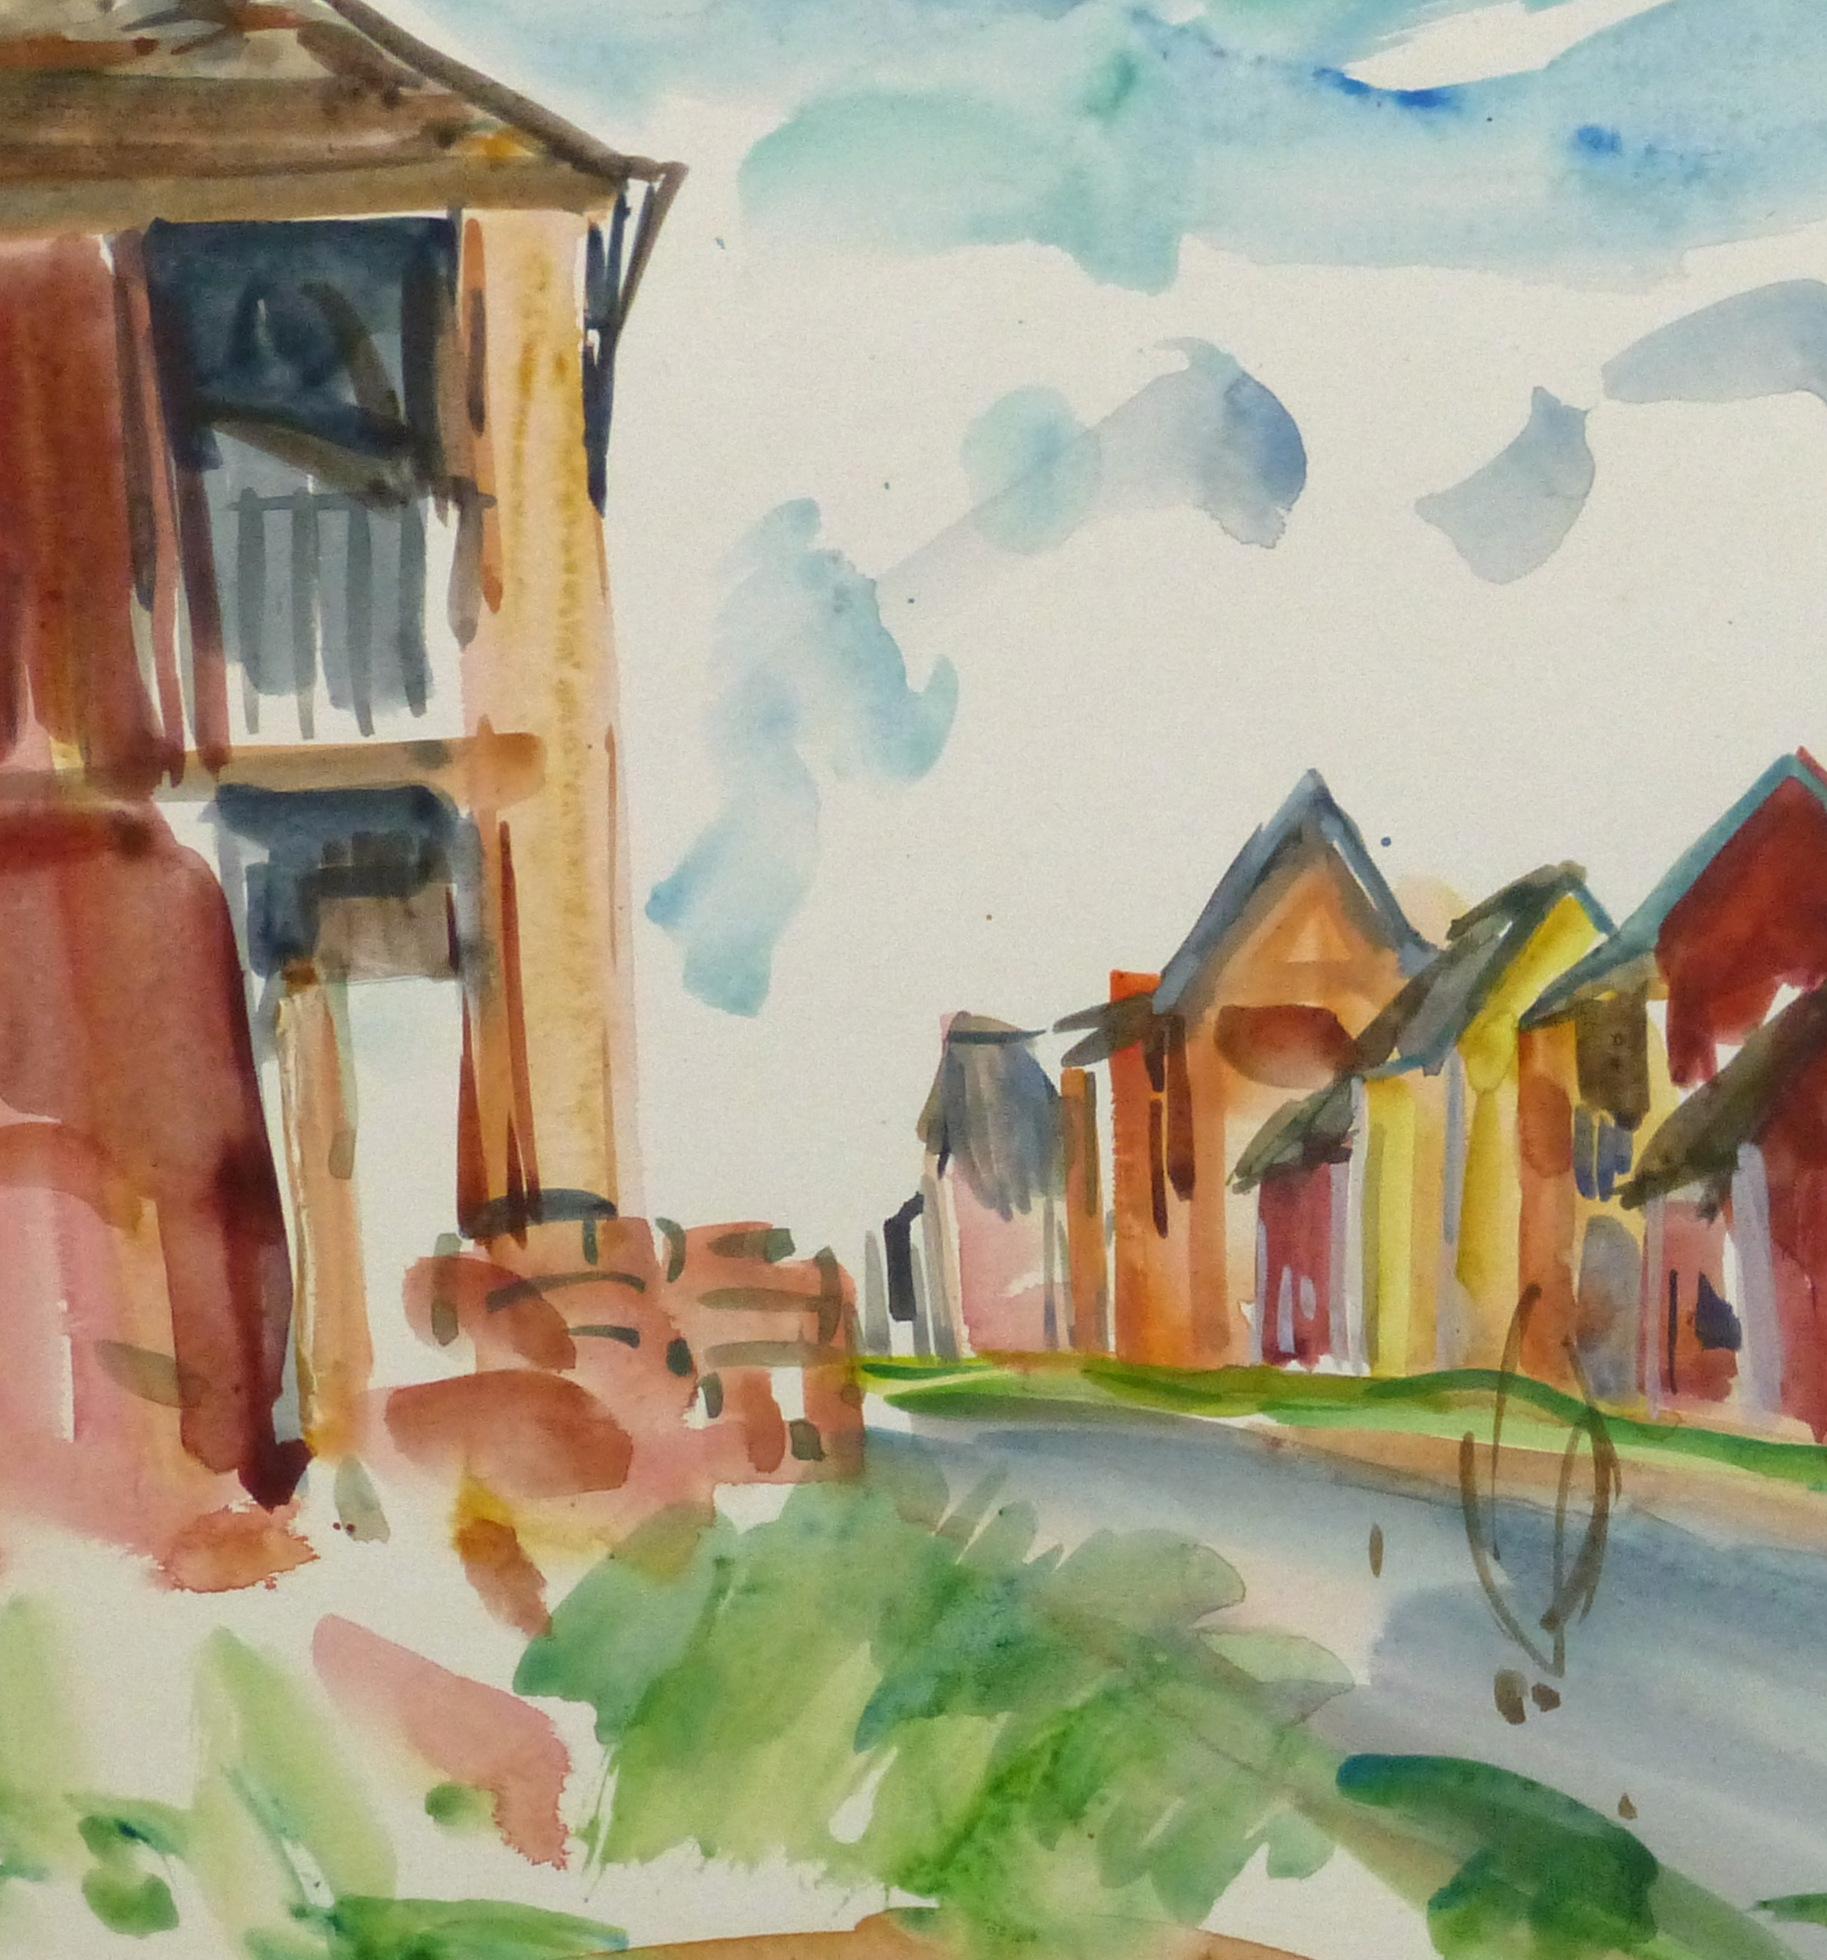 Watercolor Landscape - Island Village - Detail 2 -9970M